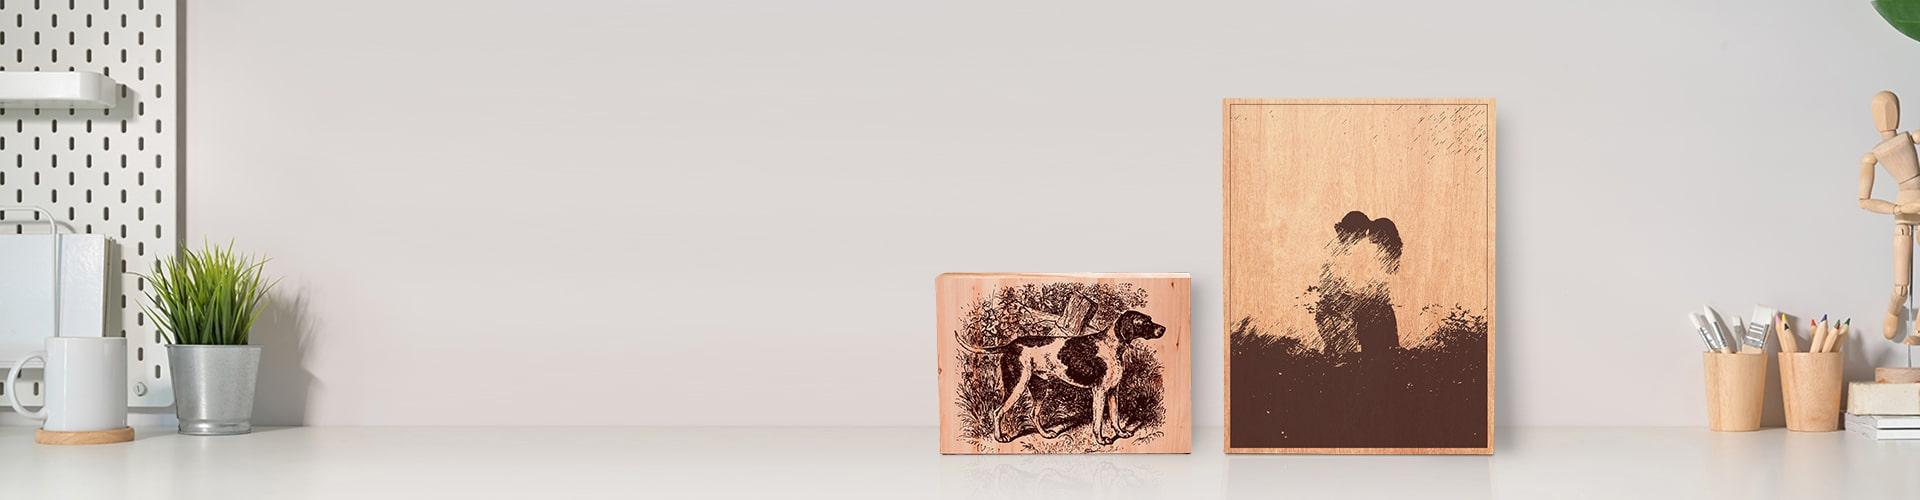 Engraved Wood Prints